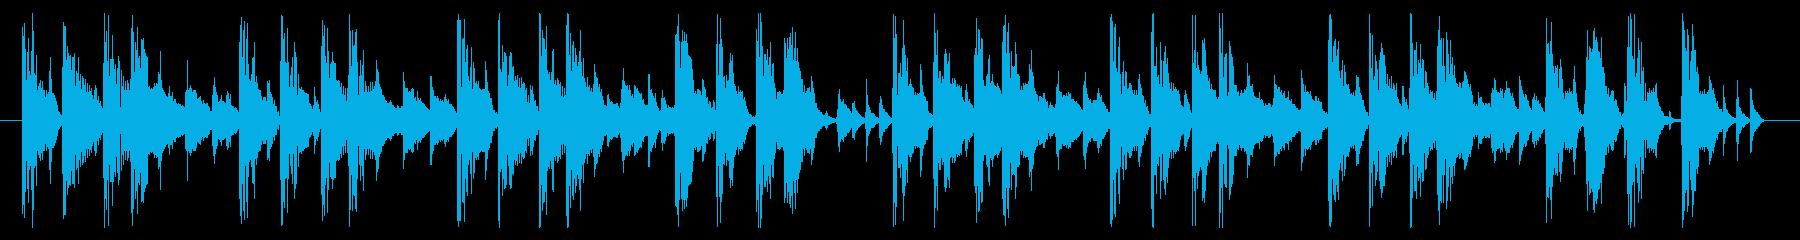 15秒 tiktok サックスがNiceの再生済みの波形